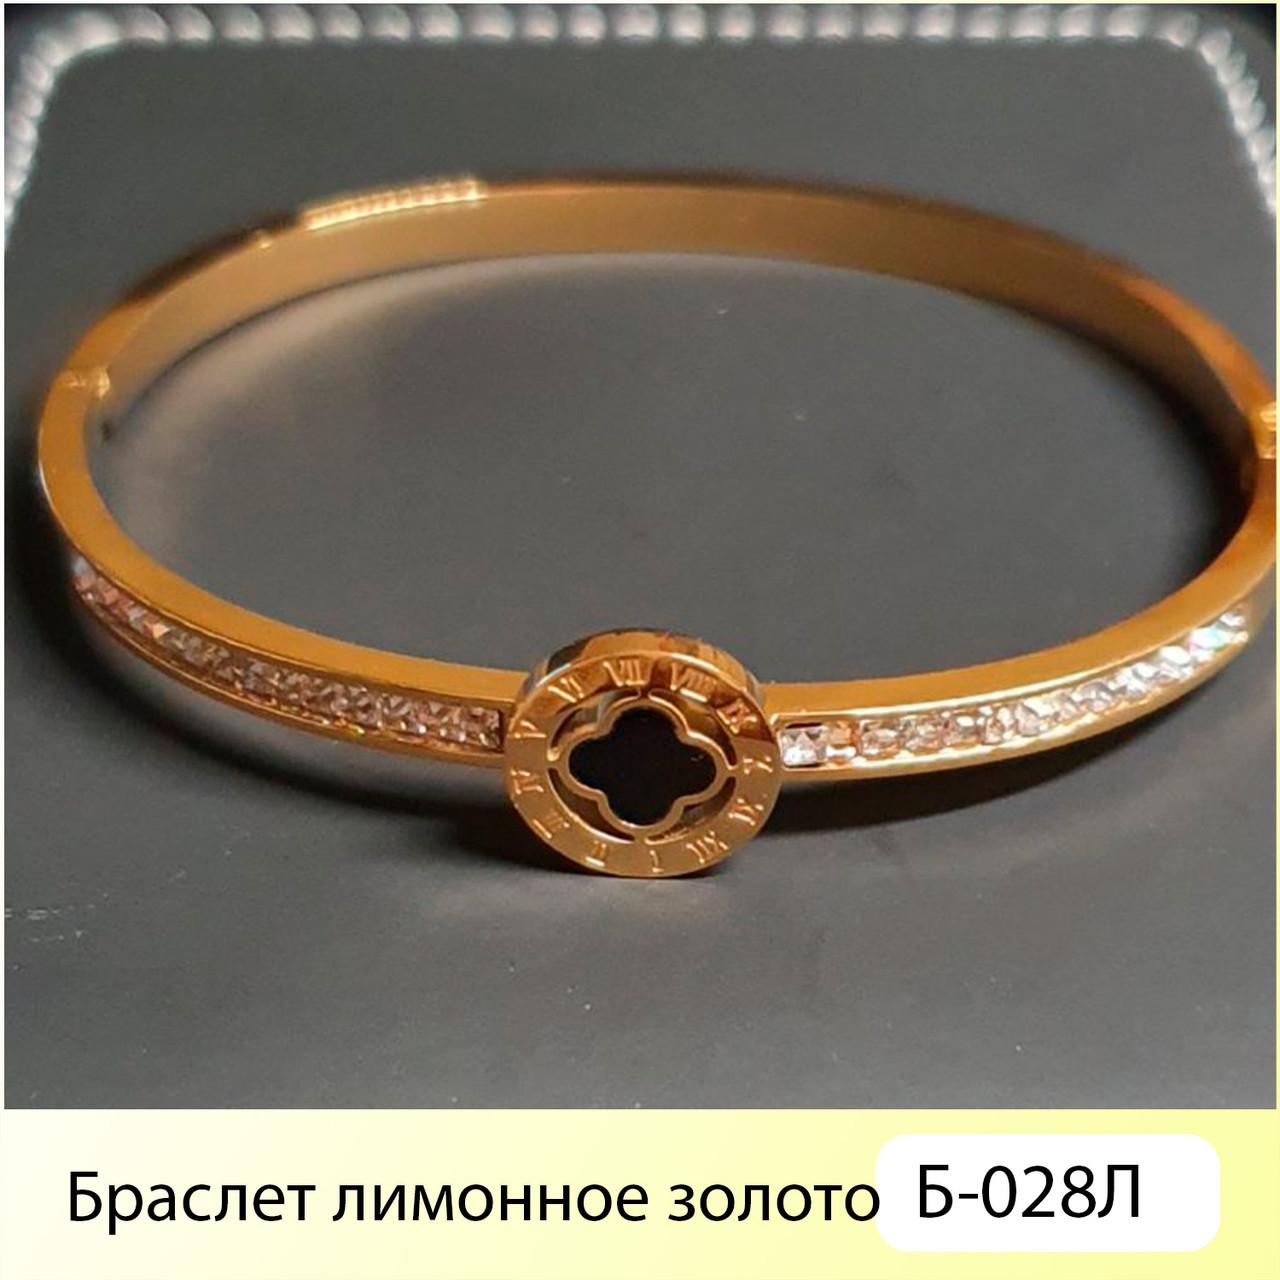 Браслет лимонное золото Б-028Л